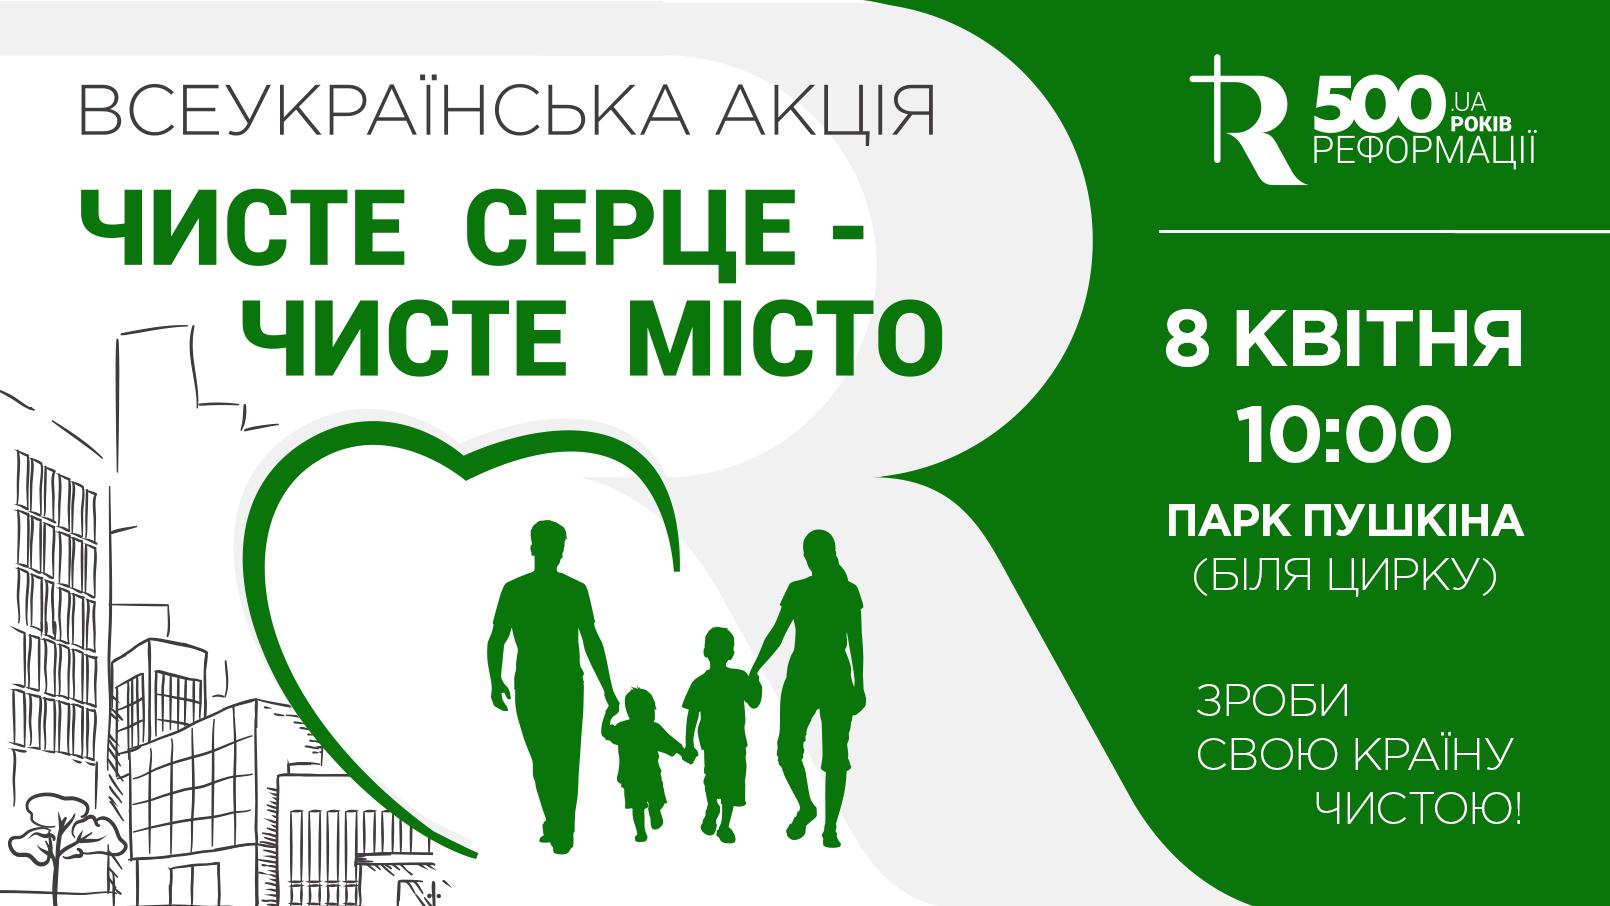 Всеукраїнська акція «Чисте серце - чисте місто», м. Запоріжжя